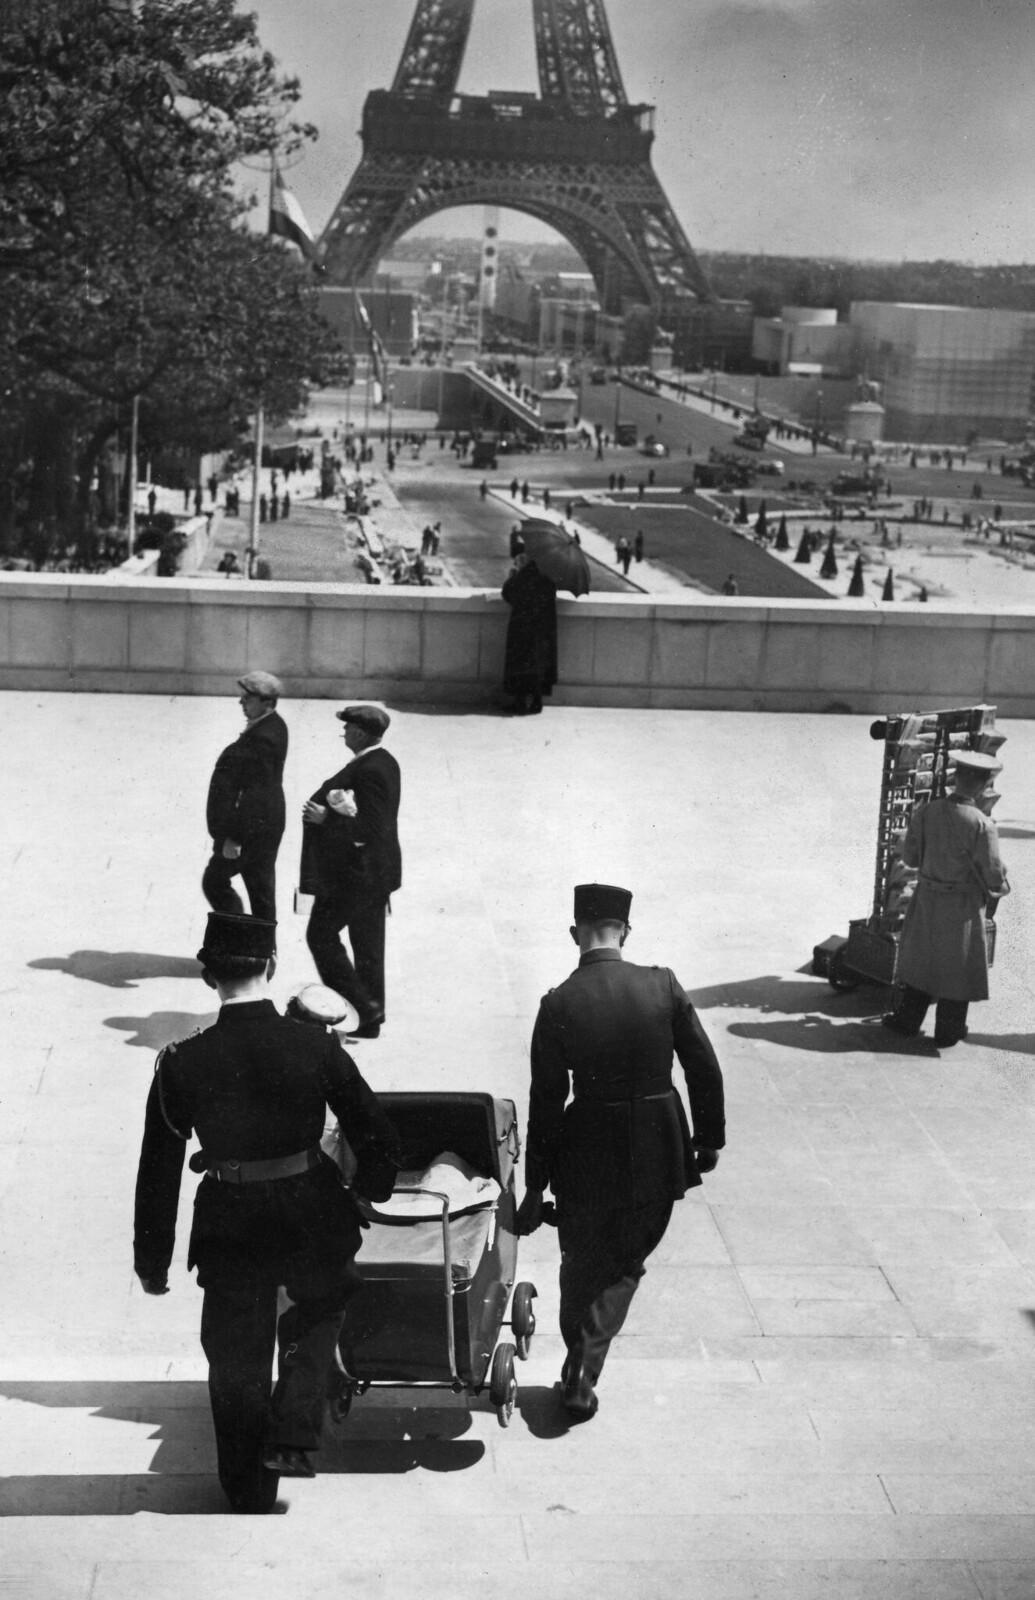 06. 1937. Вид на Эйфелеву башню